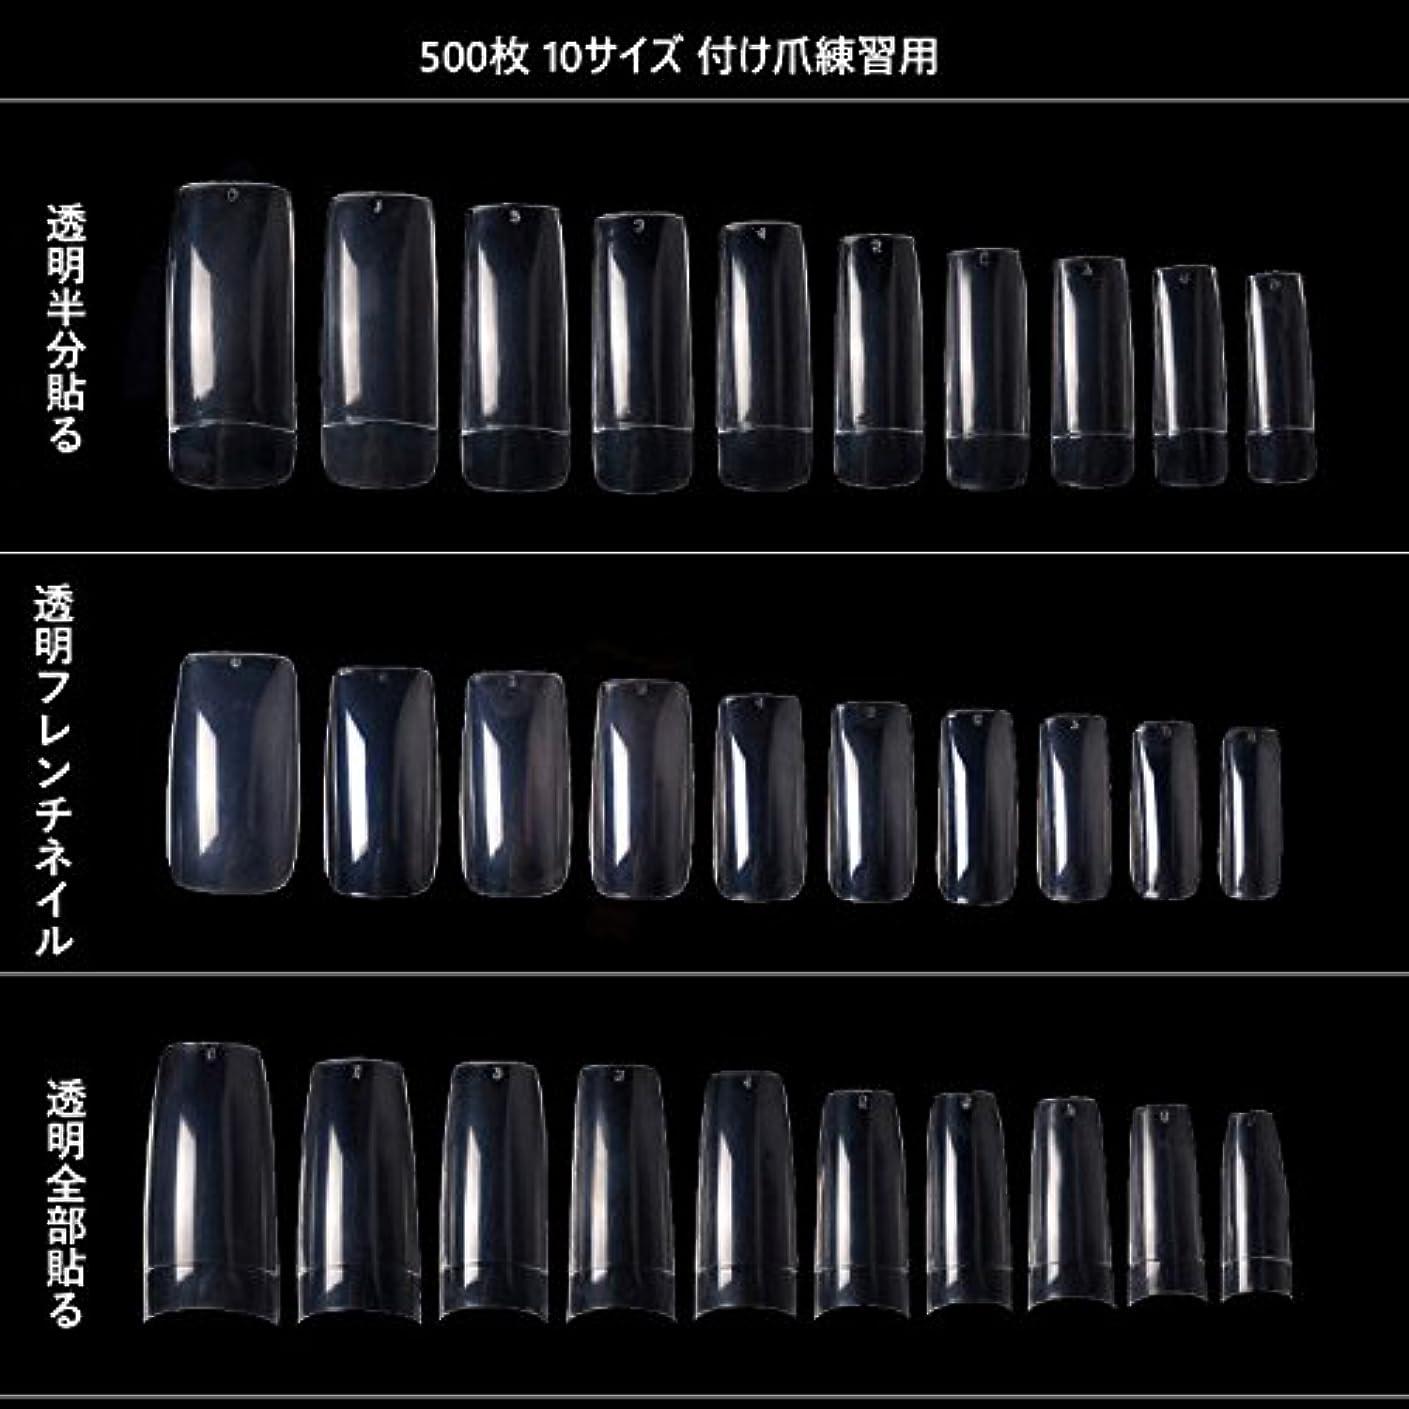 500枚 10サイズ 付け爪練習用 つけ爪 無地 ロング オーバル ネイルチップ クリア ネイルチップ ロング 付け爪 練習用 透明 (透明全部貼る)